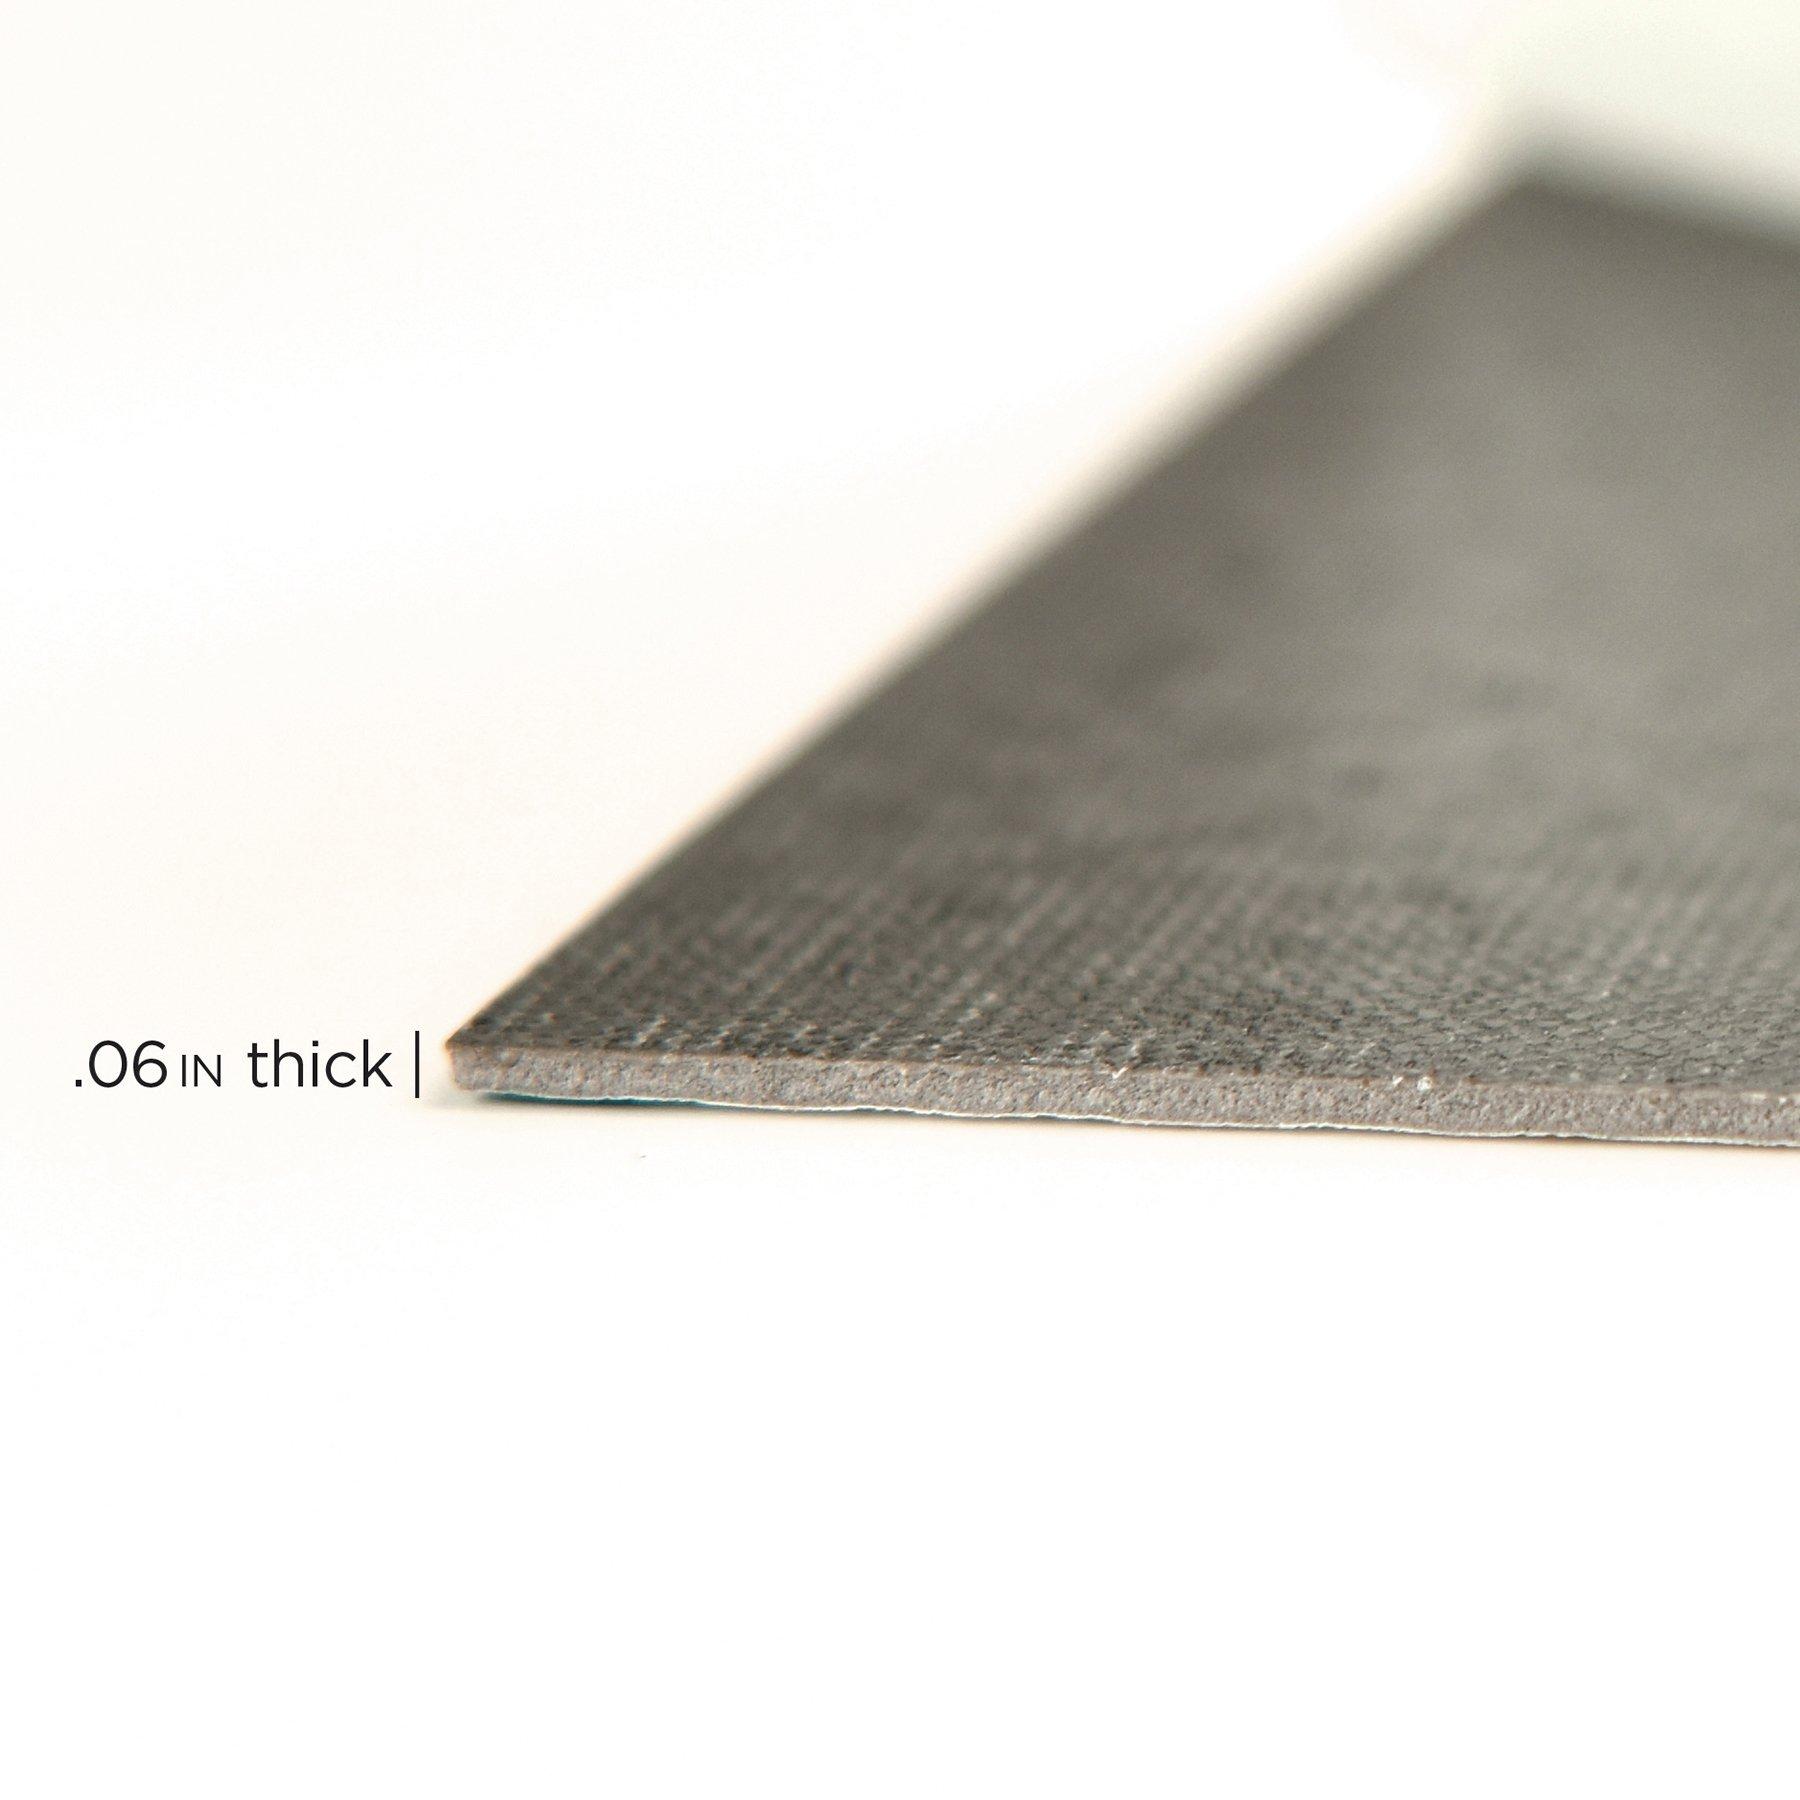 FloorPops FP2480 Comet Peel & Stick Tiles Floor Decal Black by FloorPops (Image #4)